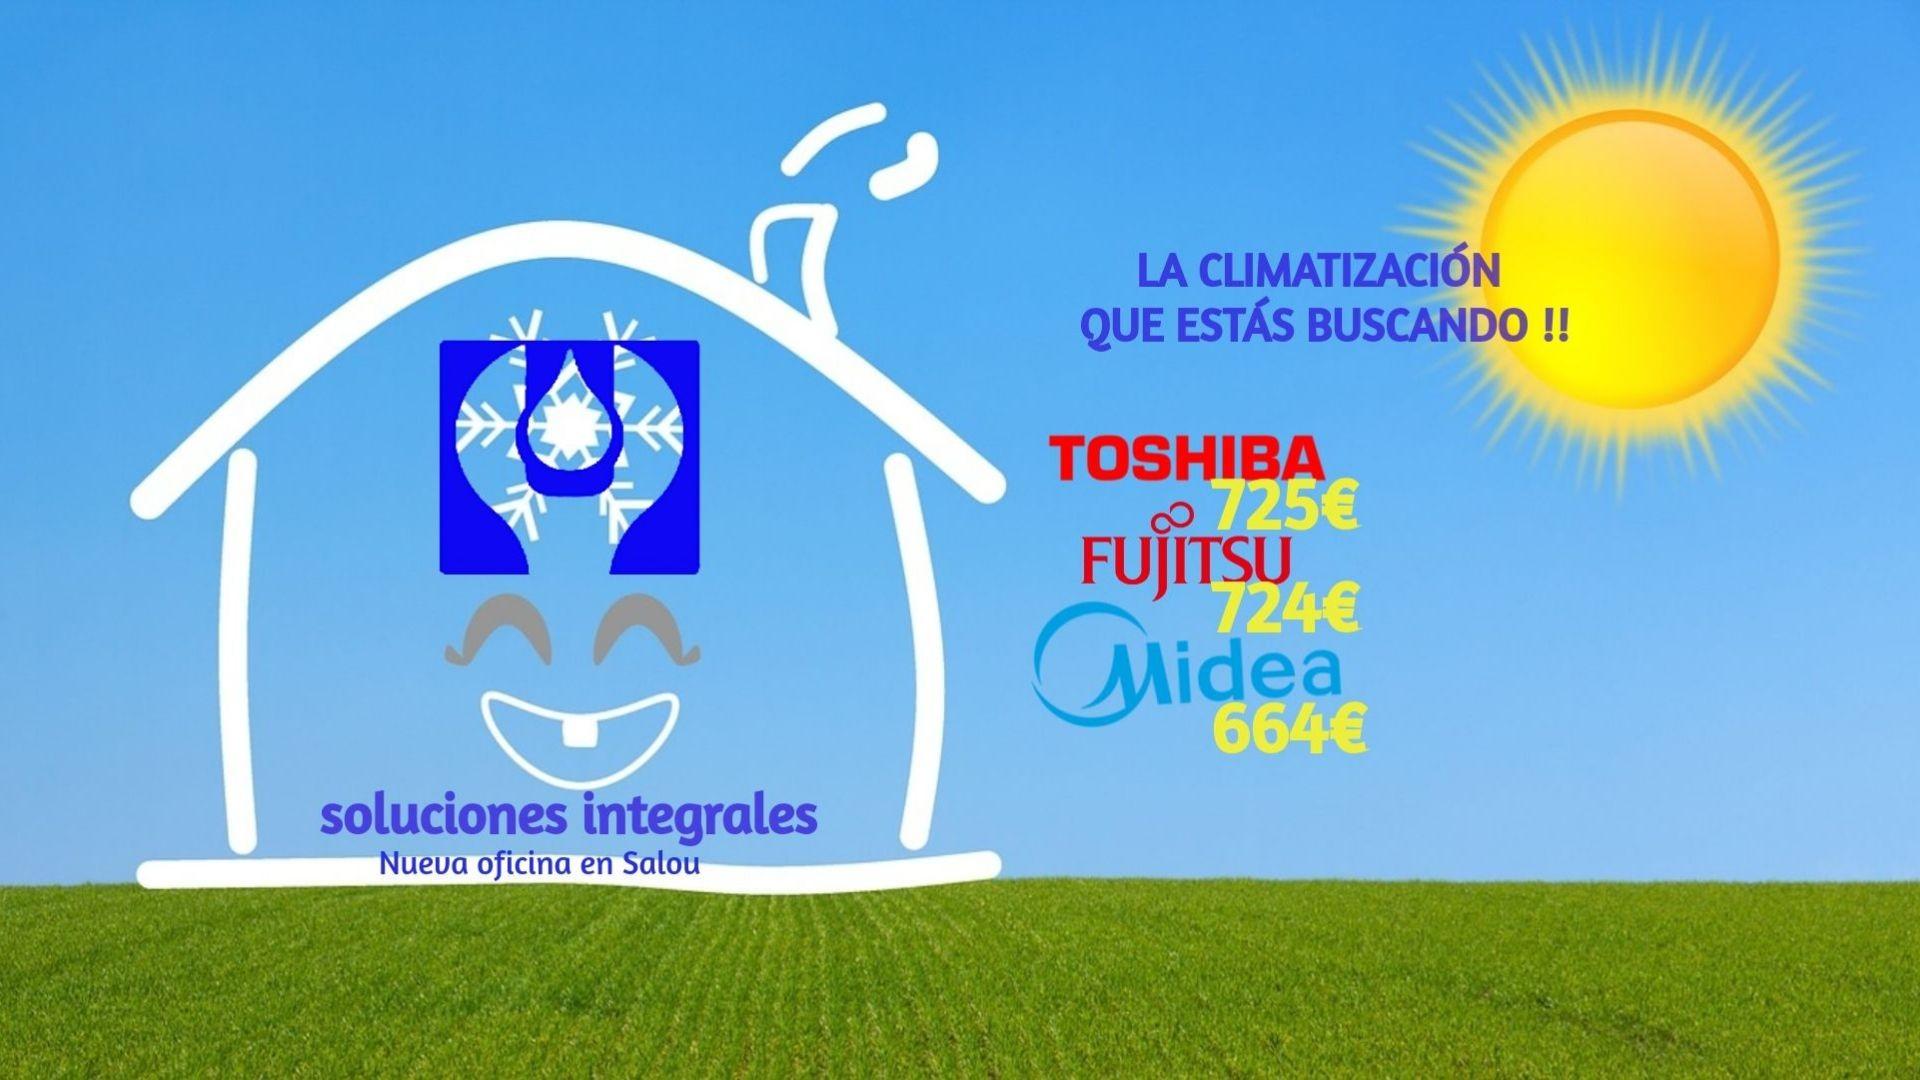 Empresas de climatización (5)